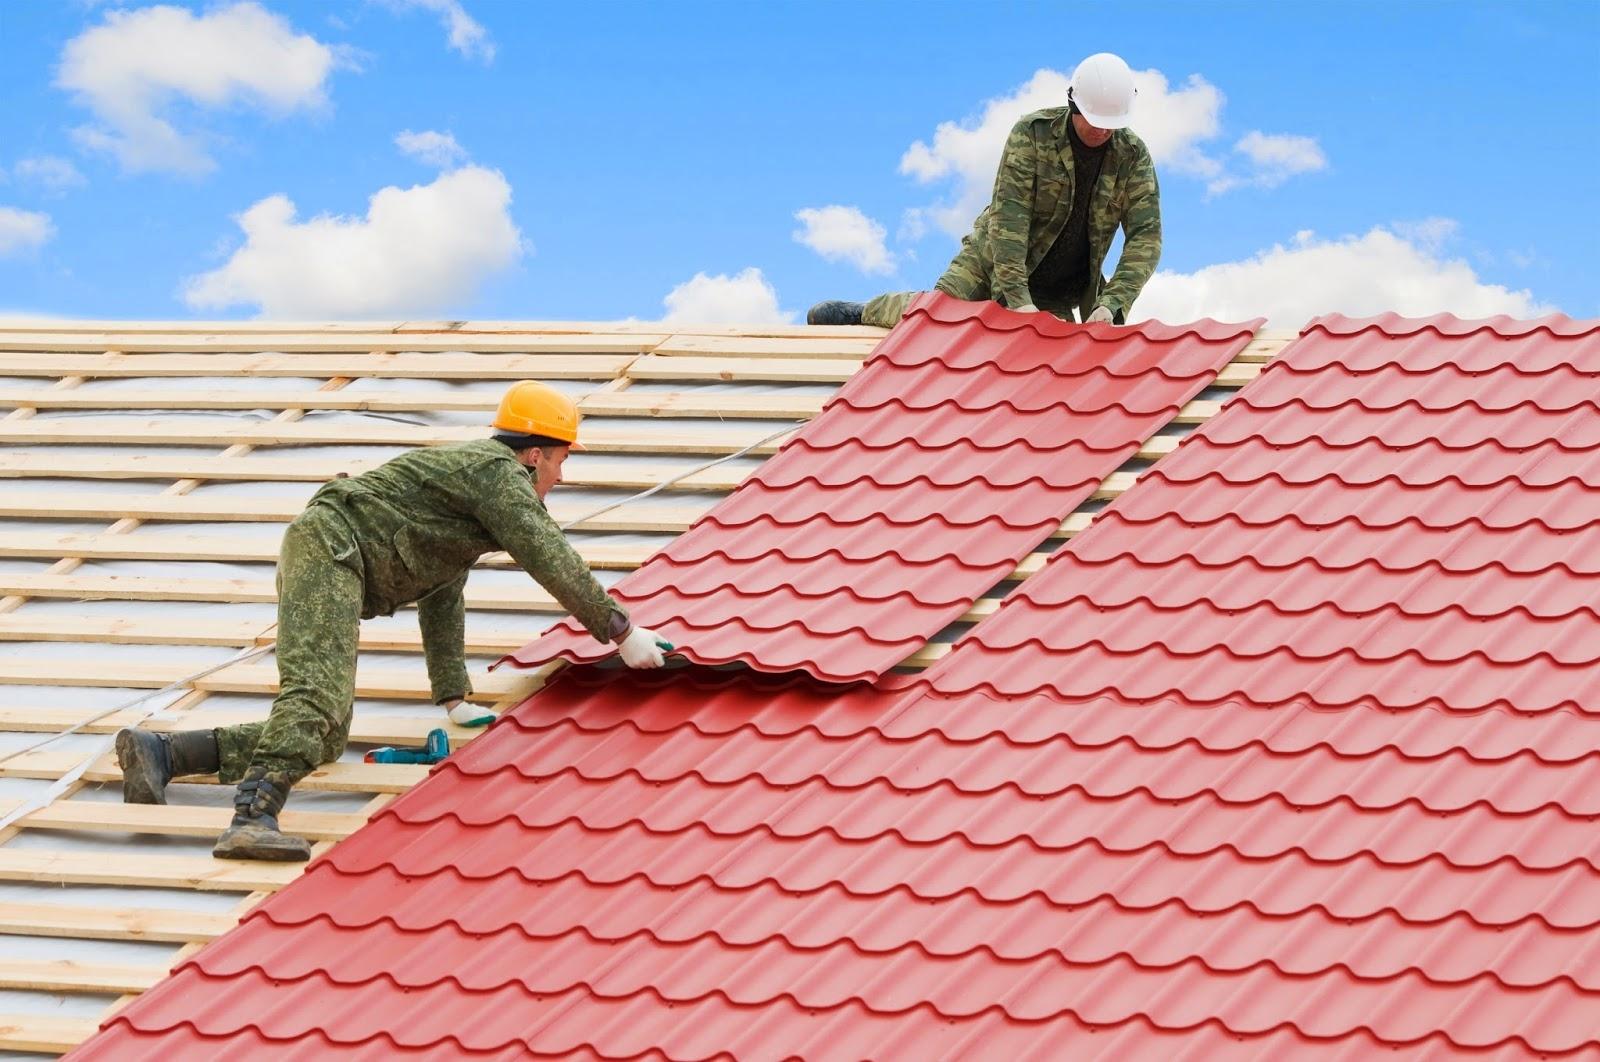 scegliere una copertura tetto economica - Coprire il tetto - ecco come scegliere una copertura ...